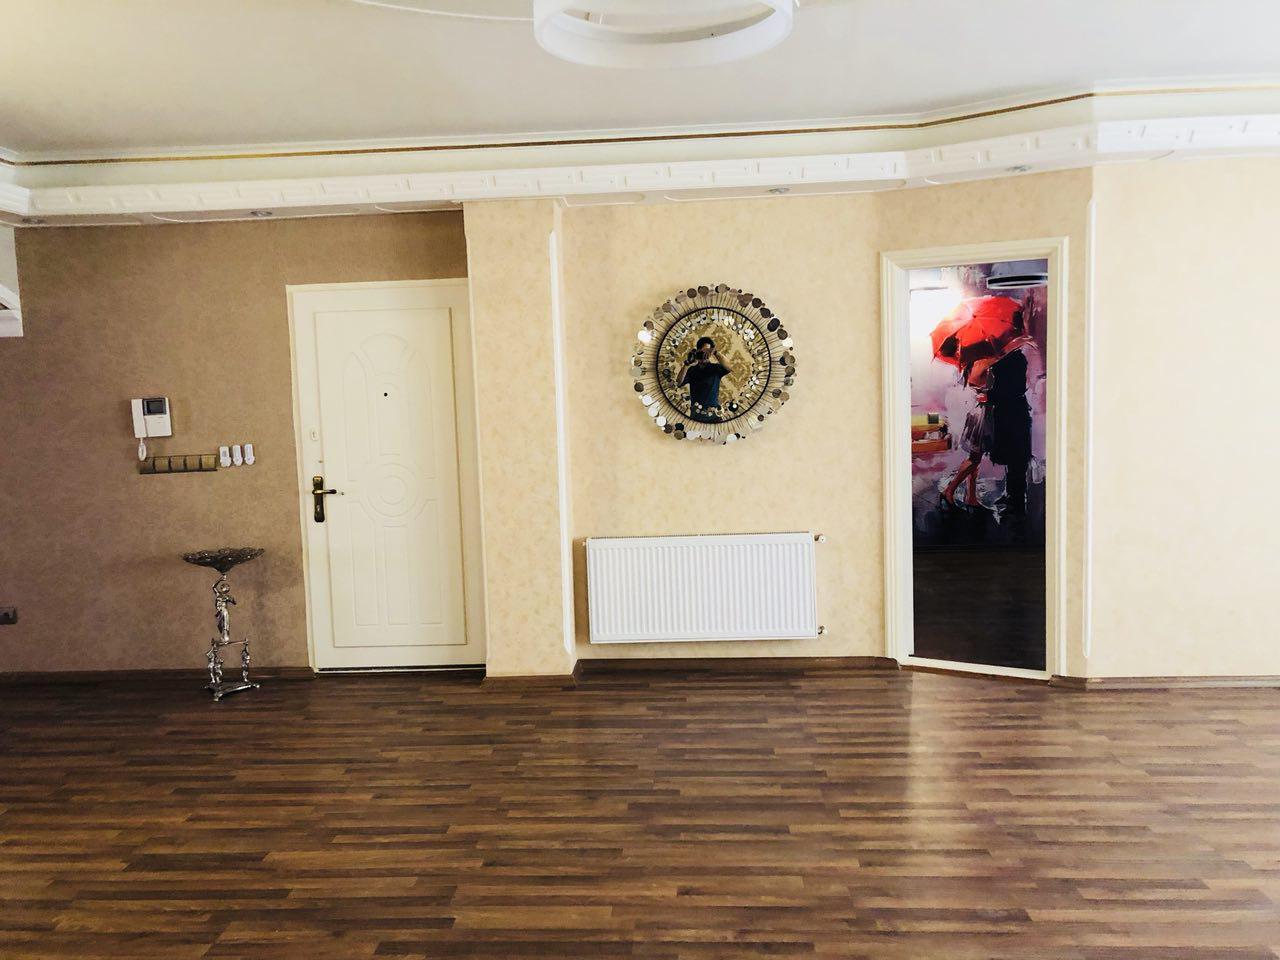 فروش طبقه سوم از آپارتمان 6 طبقه در شهرک آزادی